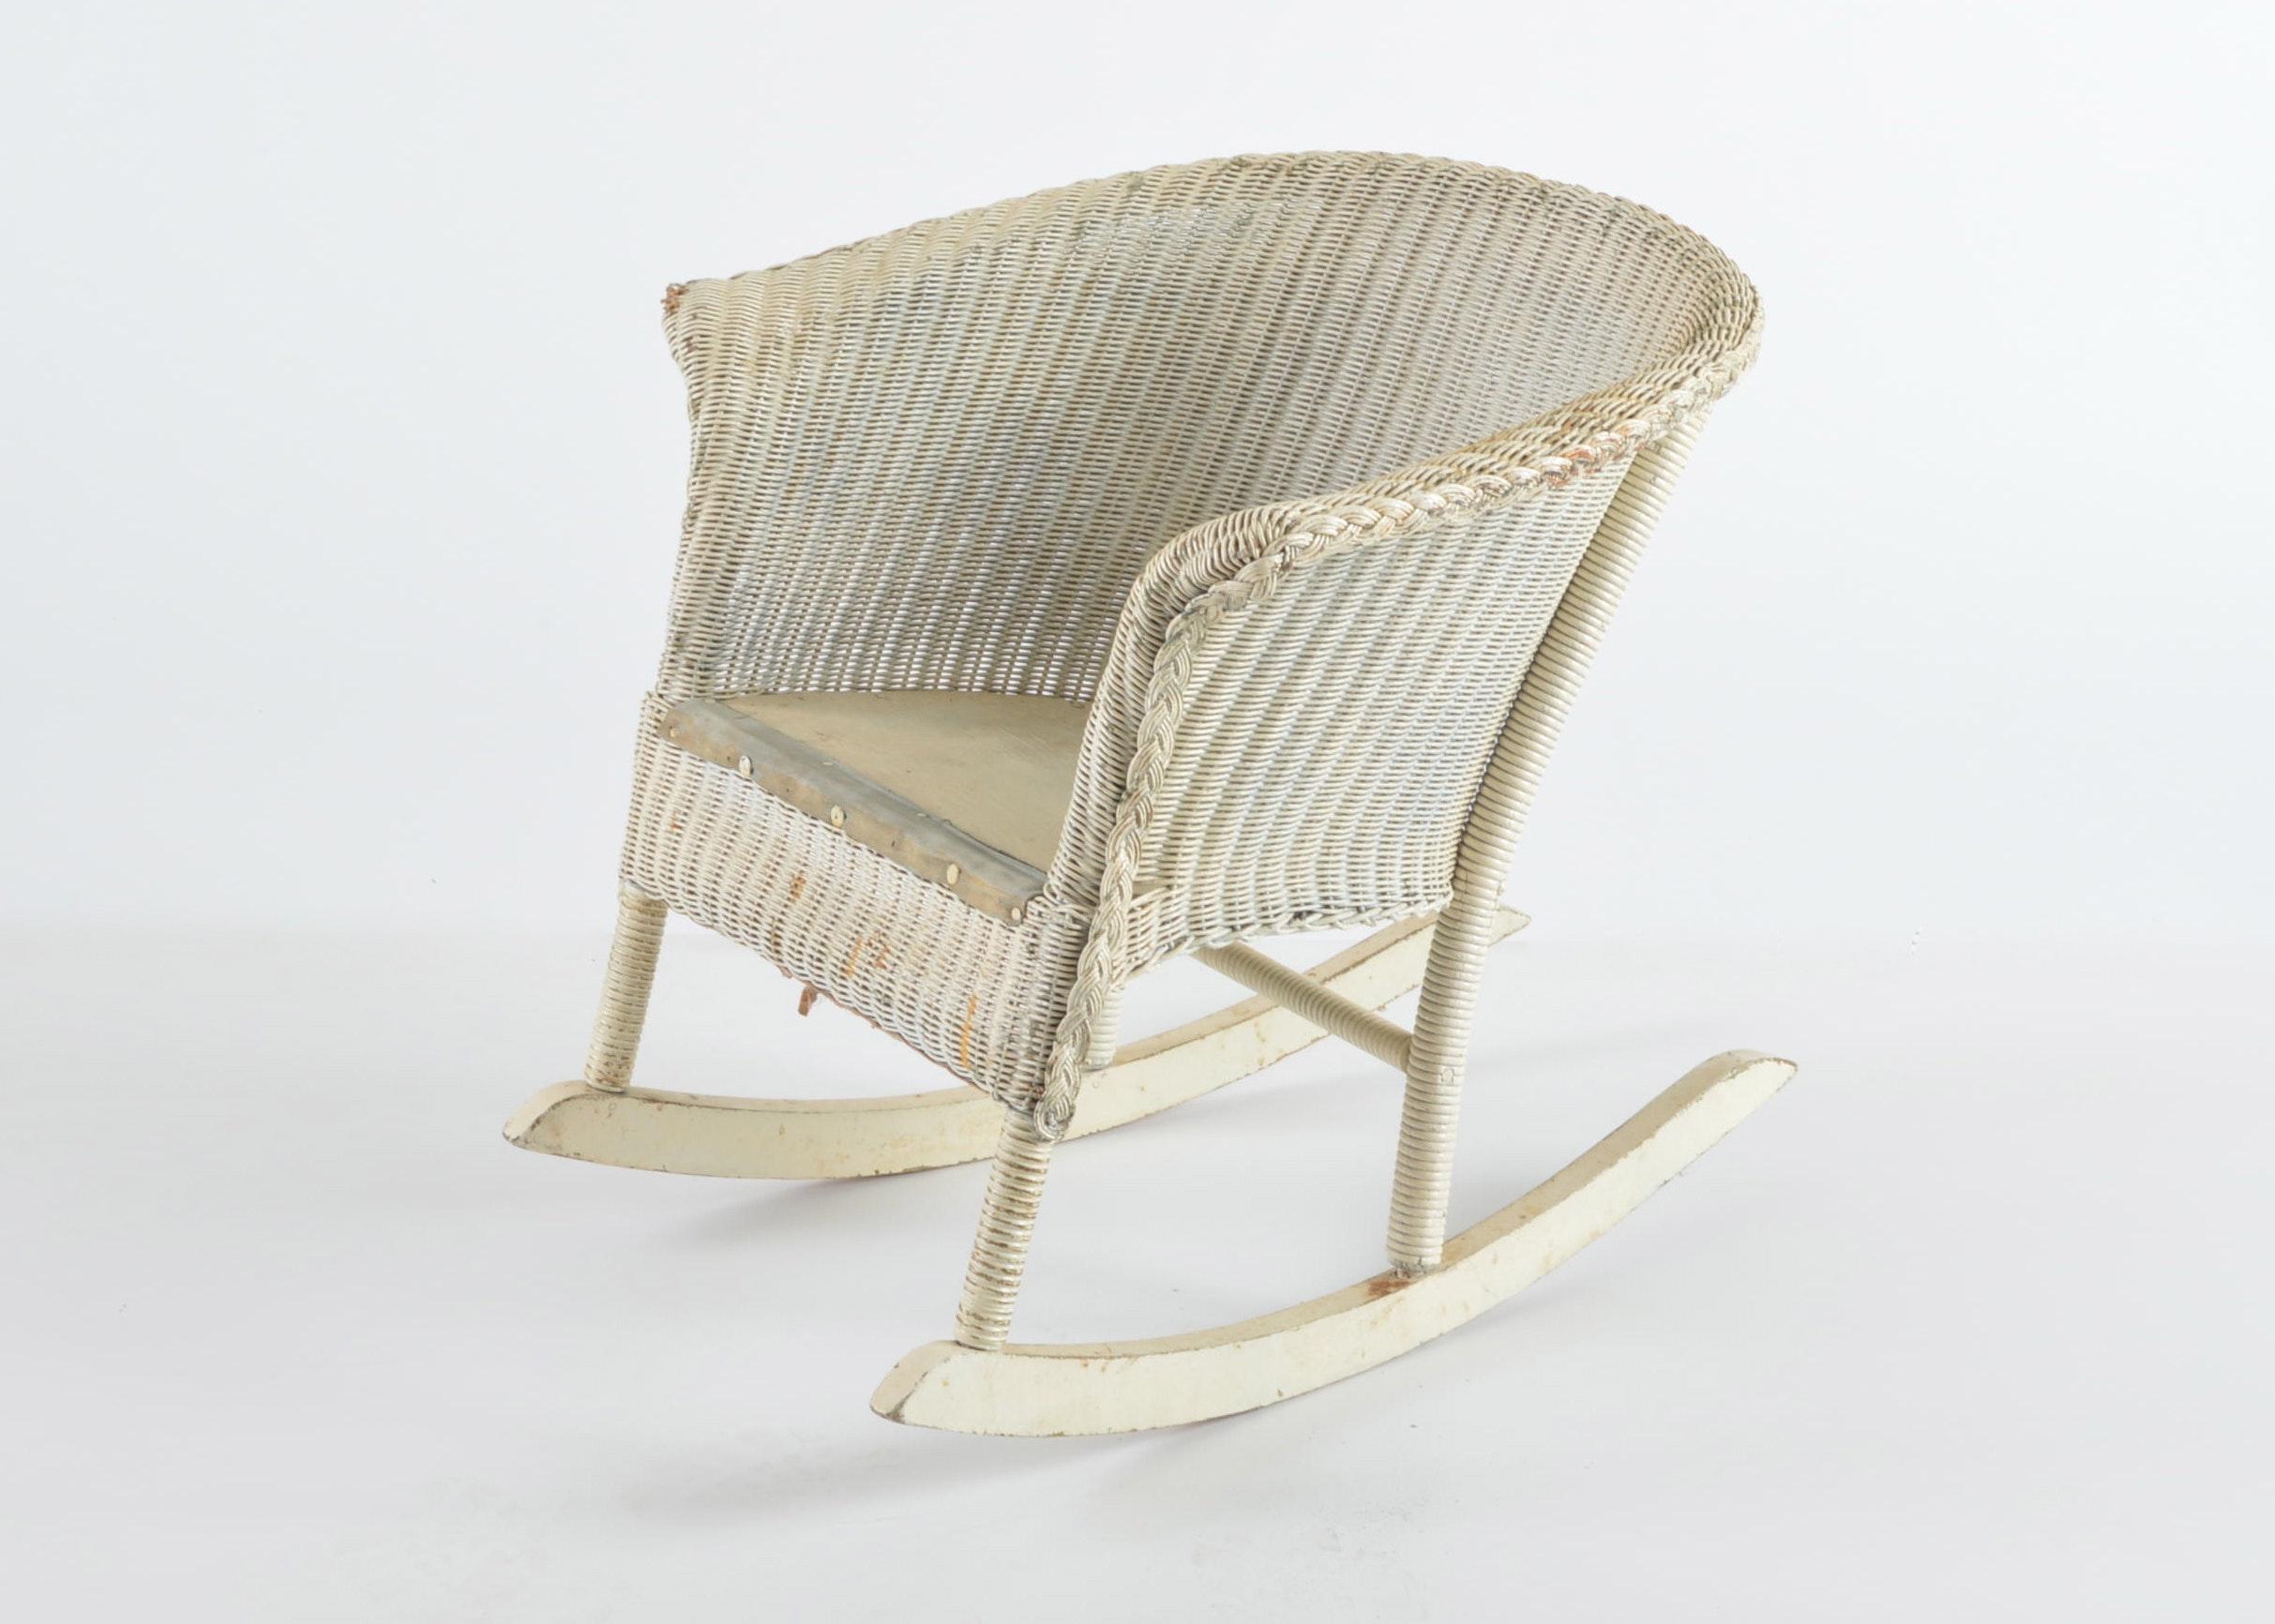 vintage childu0027s wicker rocking chair - Wicker Rocking Chair